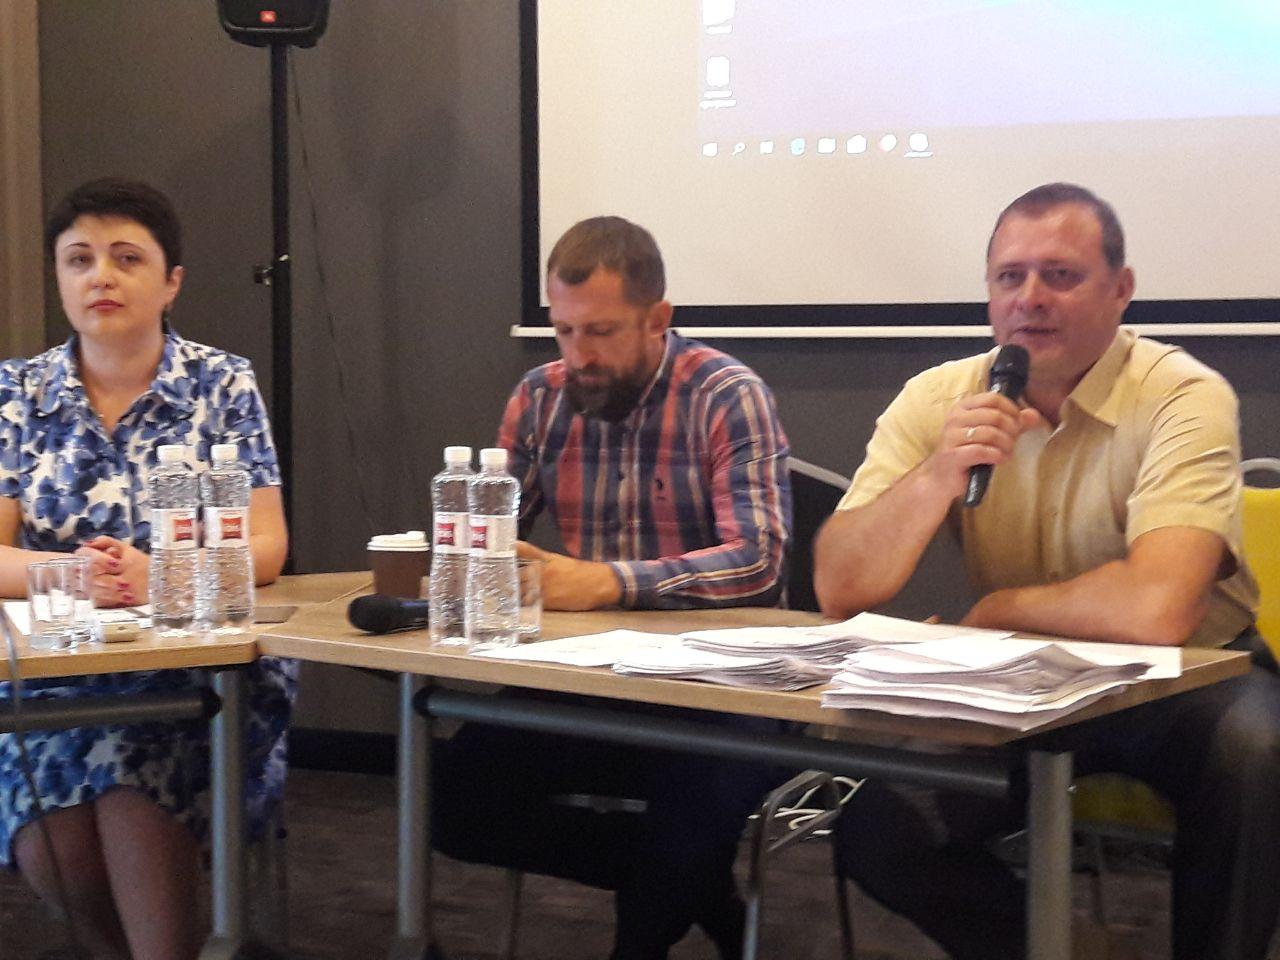 """БО """"100% життя"""" співпрацює з Державною кримінально-виконавчою службою України"""